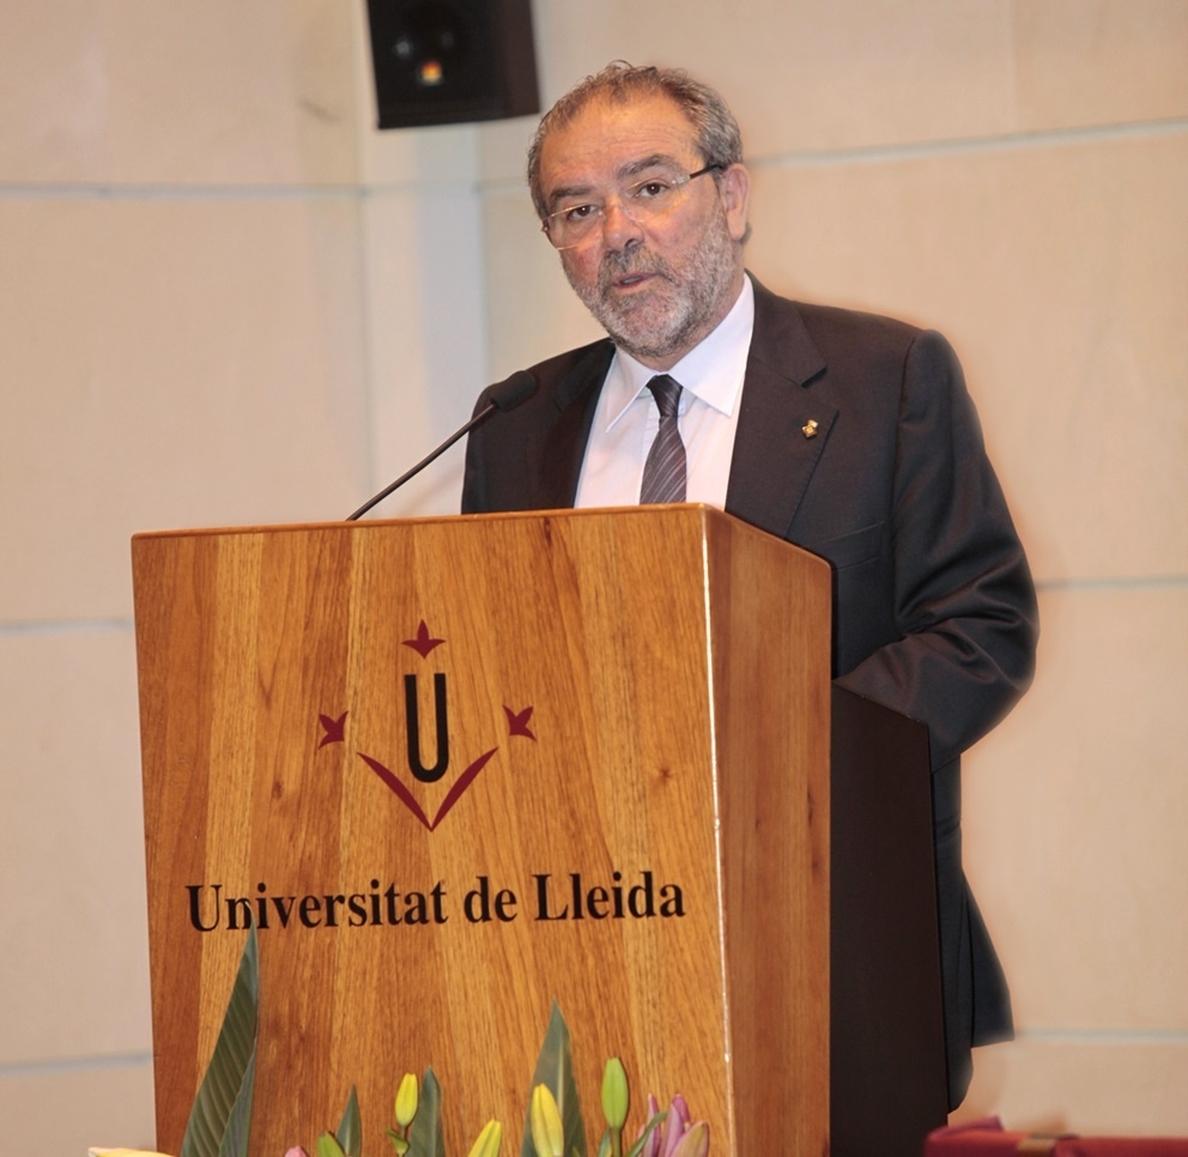 Las diputaciones de Tarragona y Lleida expresarán su apoyo a la nueva ley